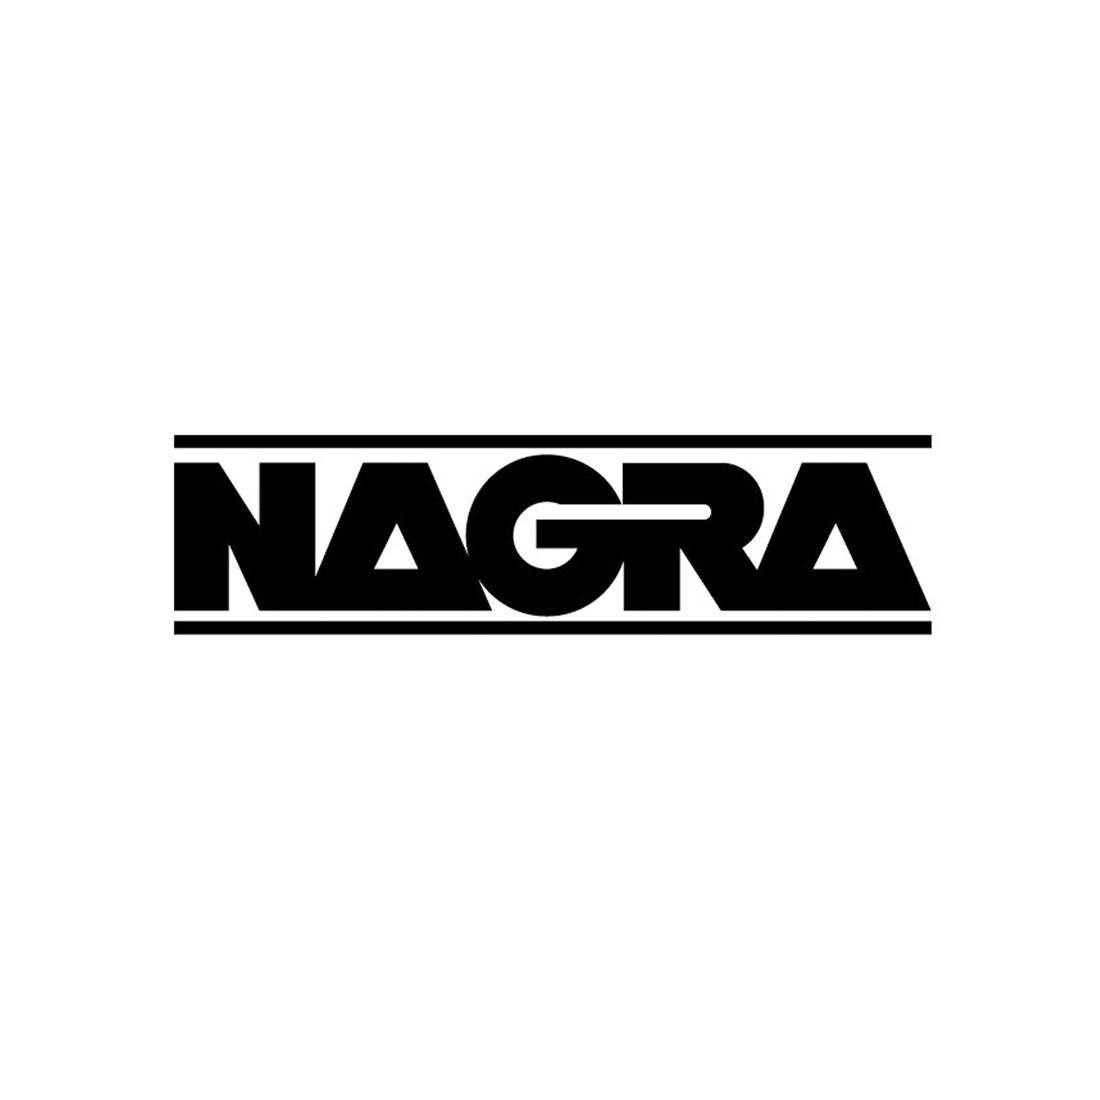 Nagra Audio